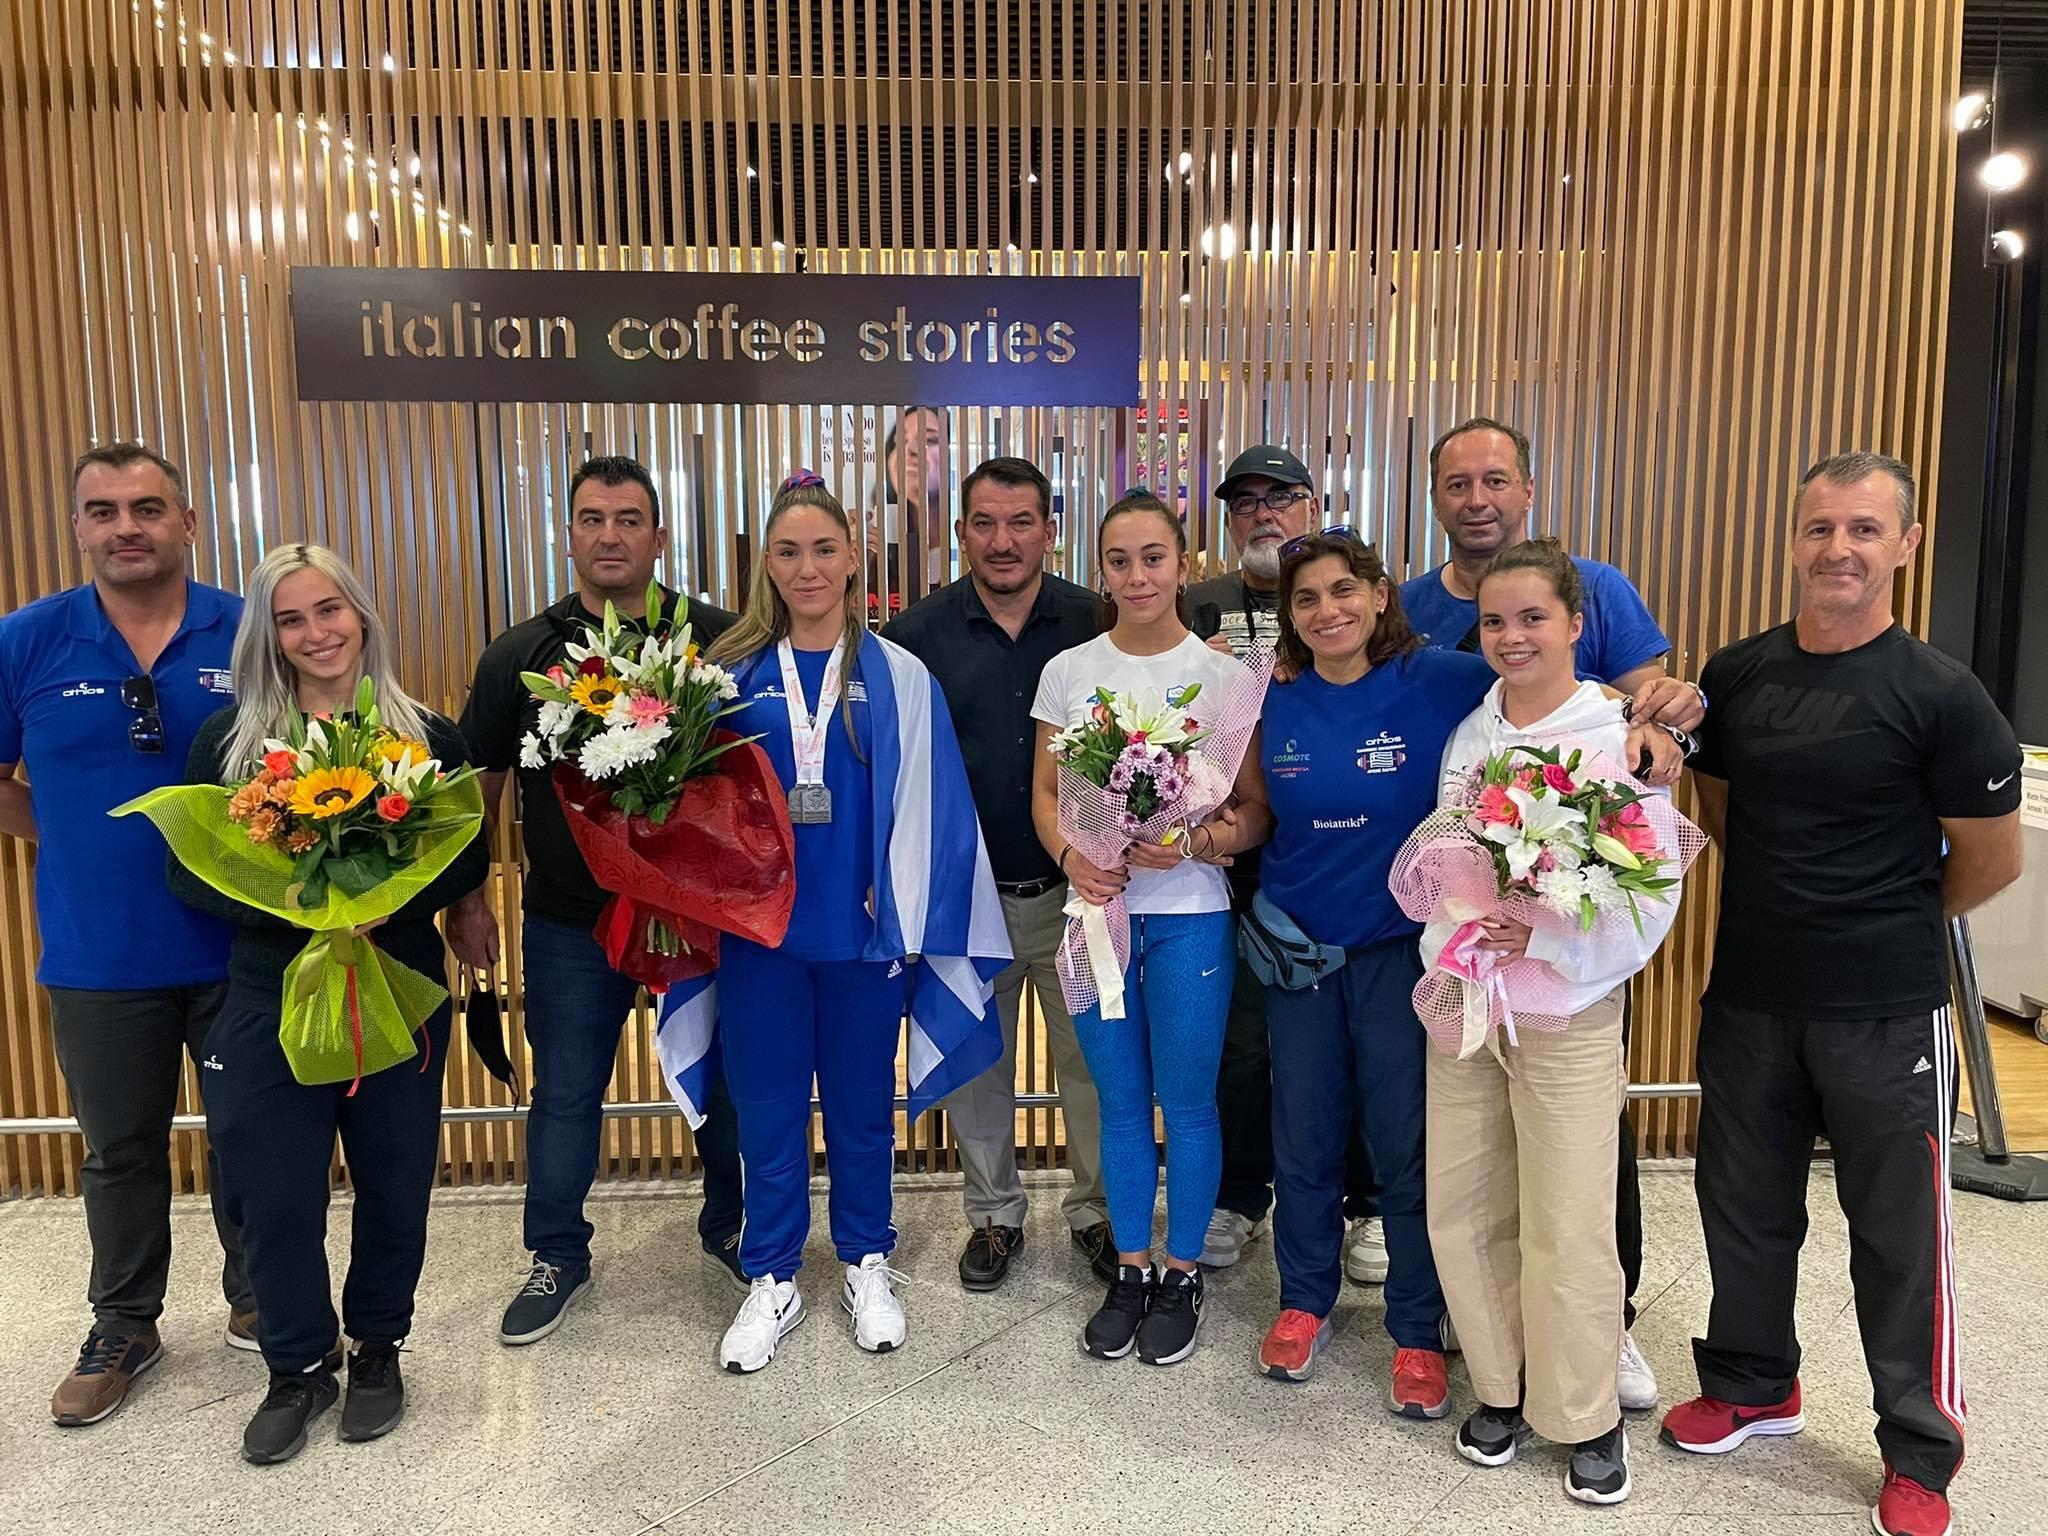 Άρση Βαρών: Με δύο χάλκινα μετάλλια επέστρεψε από την Φινλανδία η ελληνική αποστολή